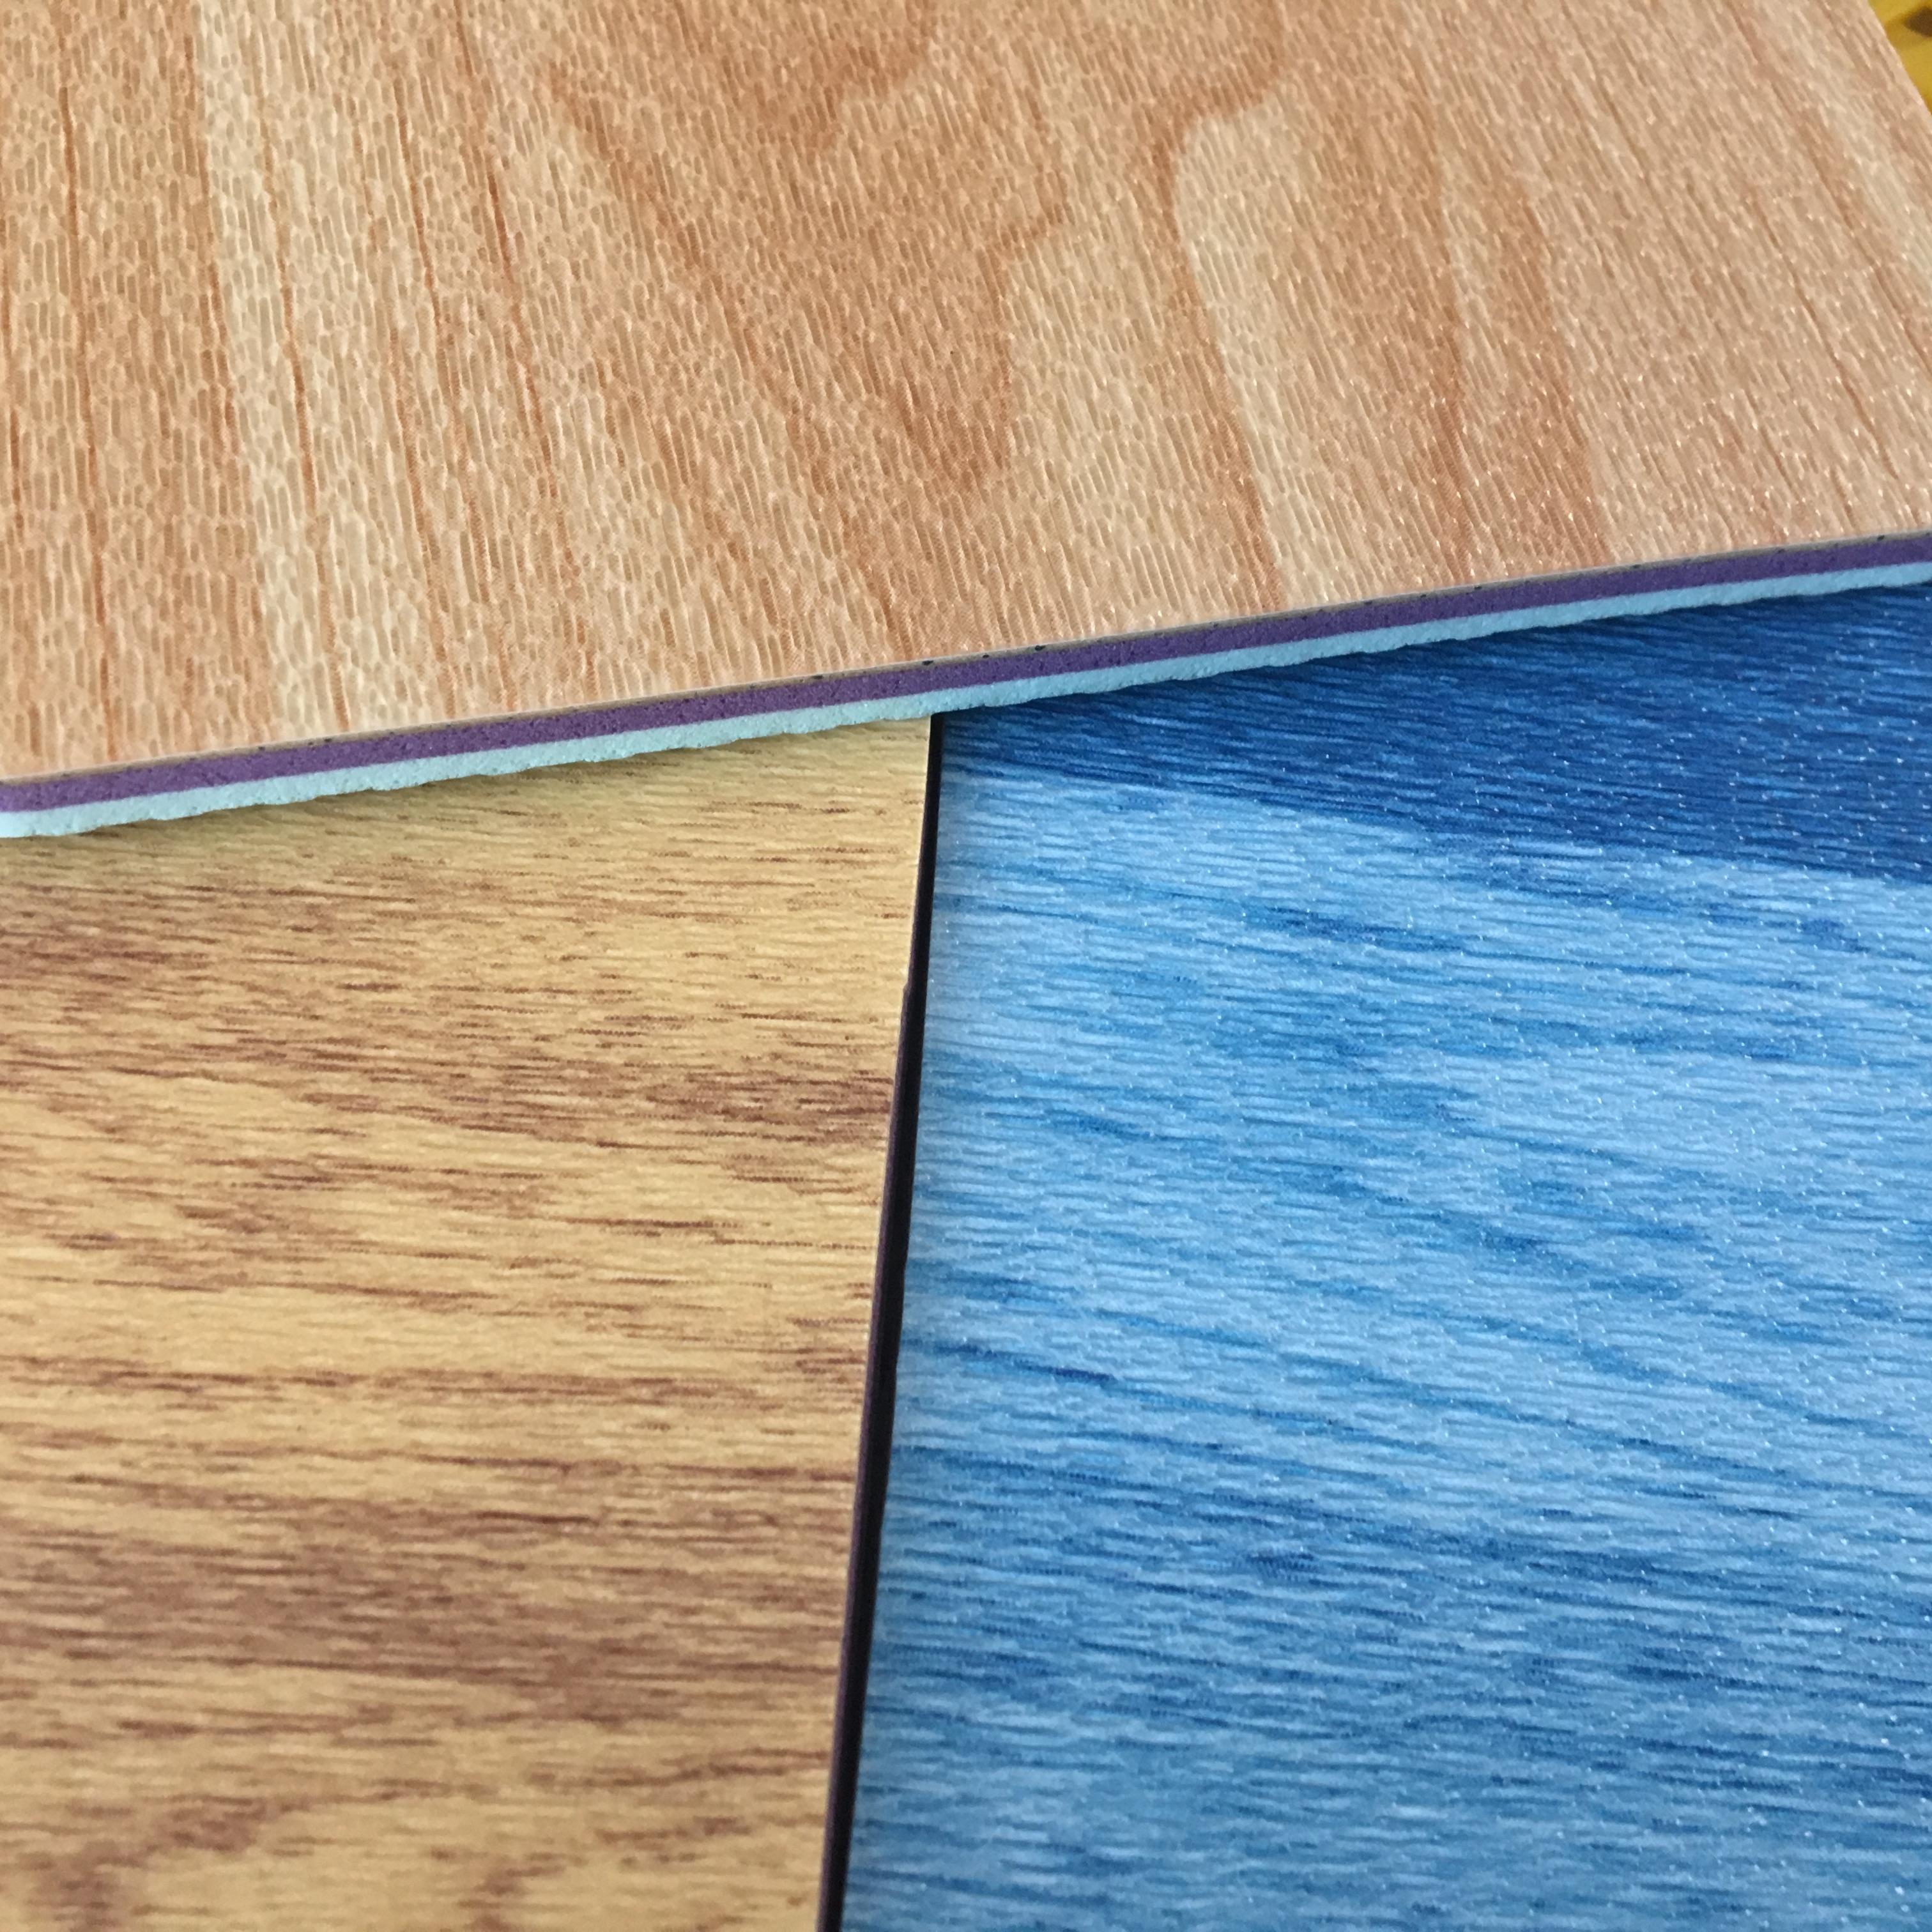 加厚木纹6.0mm/7.0mm/8.0mm室内篮球场场地PVC地胶塑胶运动地板专业地垫枫木纹